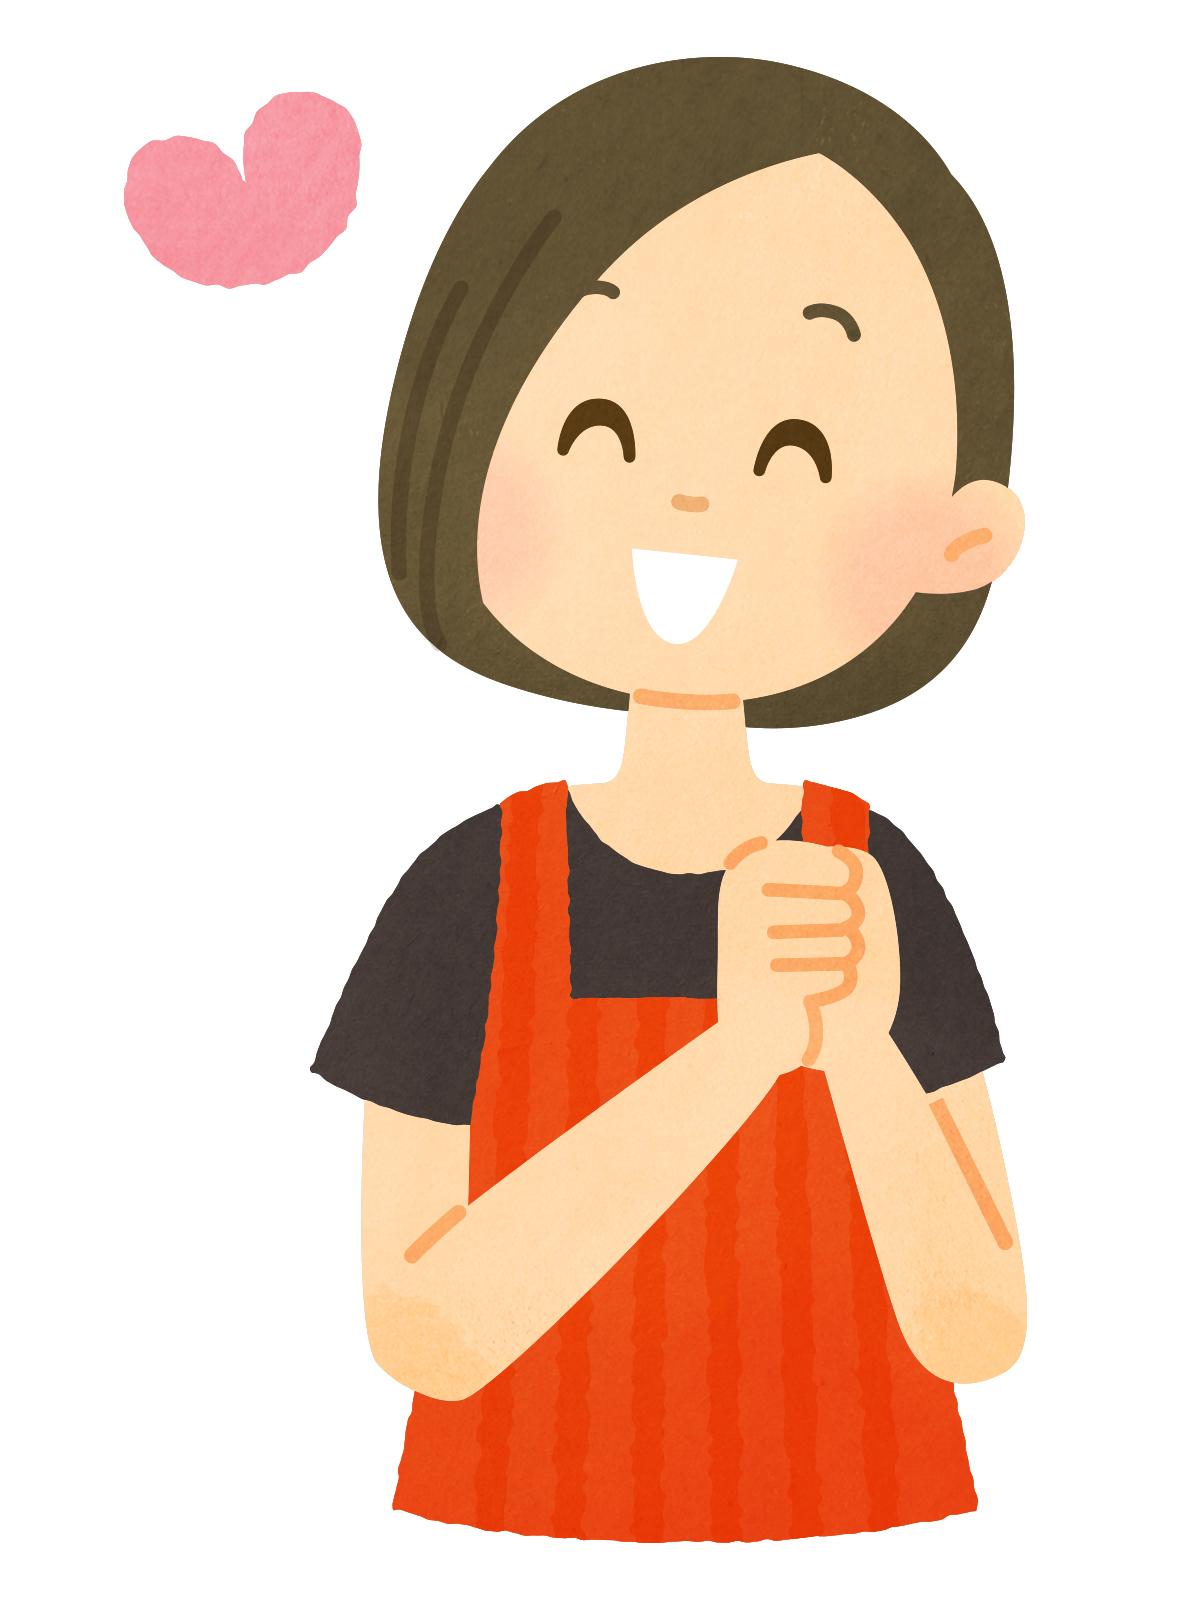 【ニュースレターご感想】楽しい子育て実践会の目標に私自身とても共感しています